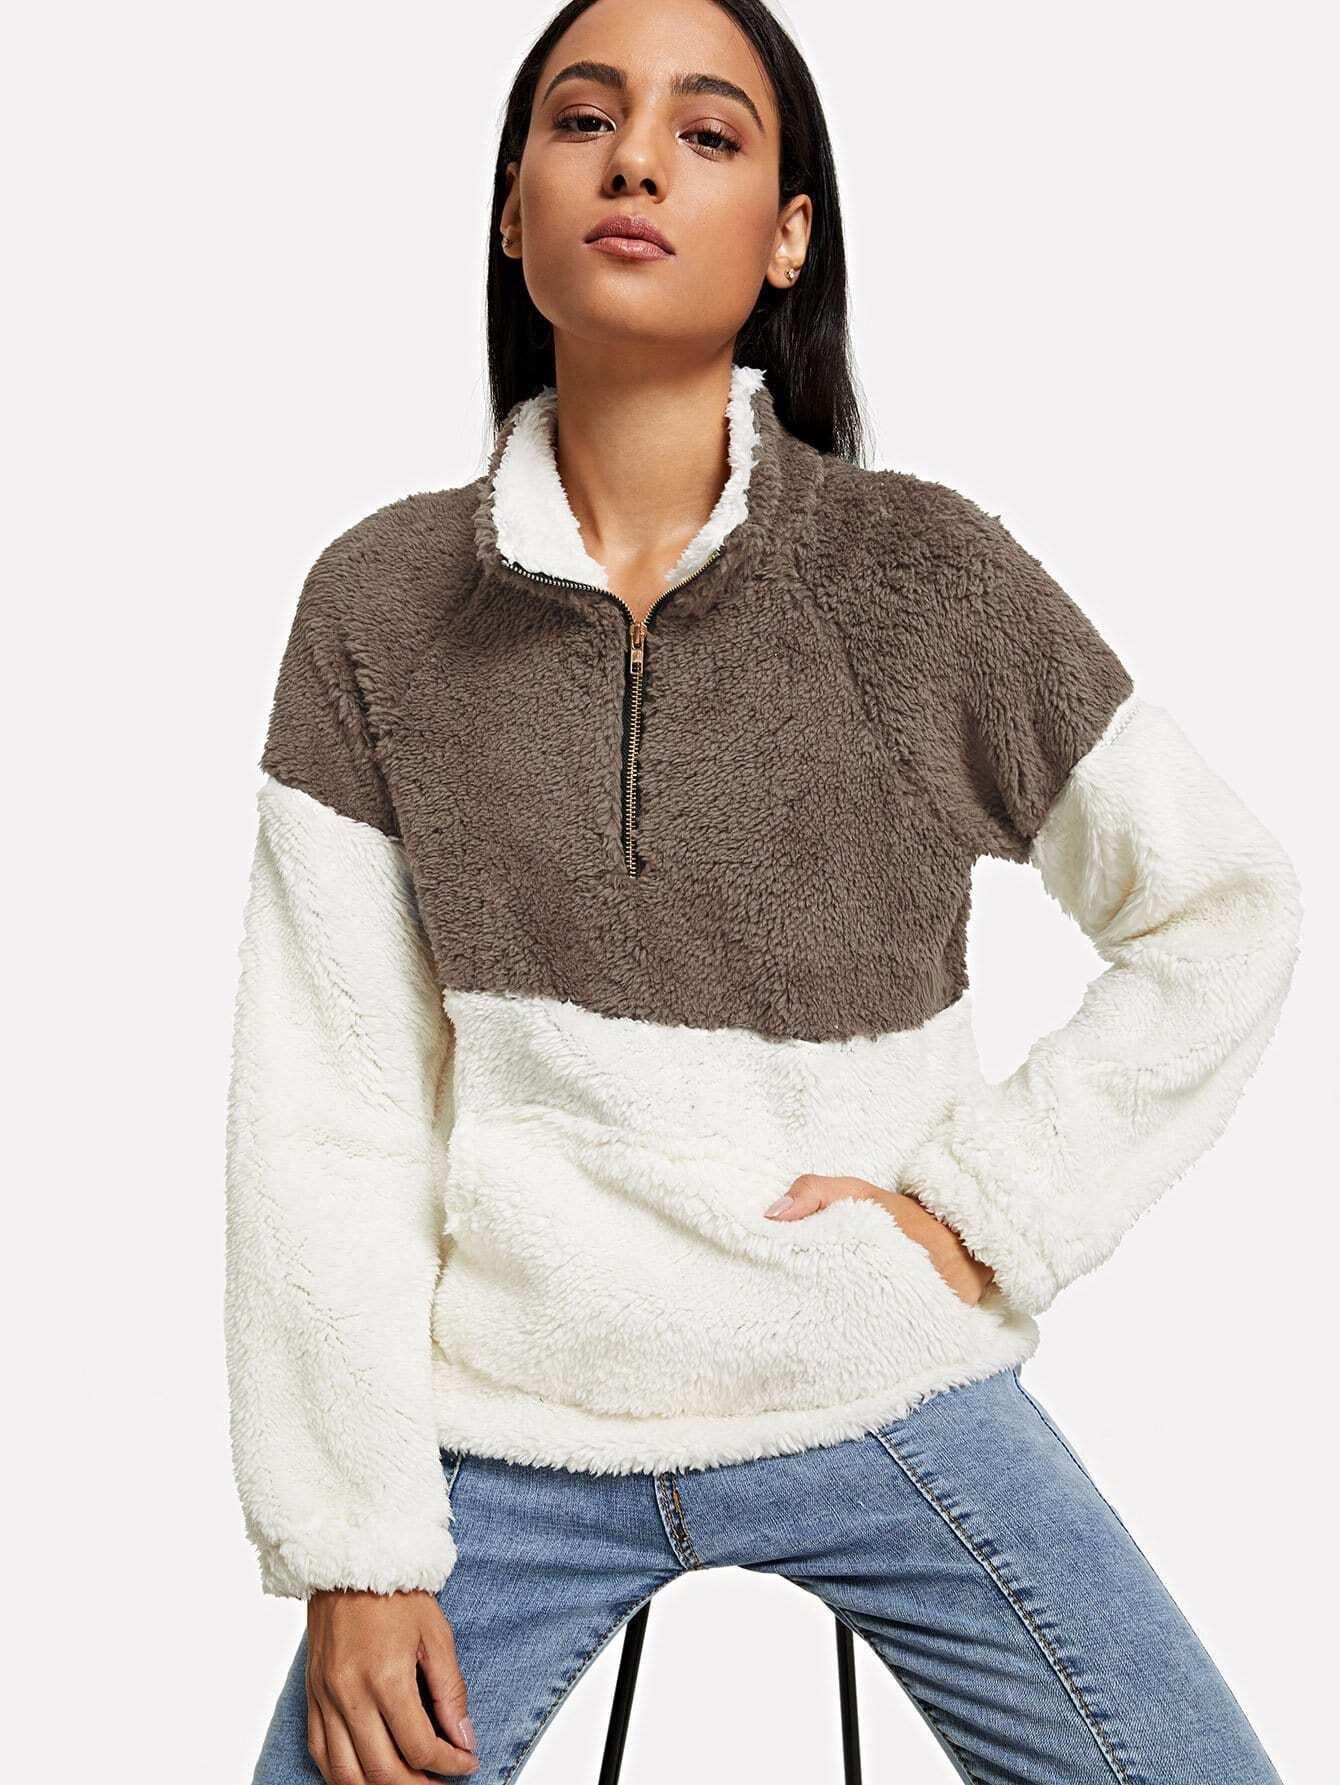 Sweatshirt mit sehr tief angesetzter Schulterpartie und Reißverschluss